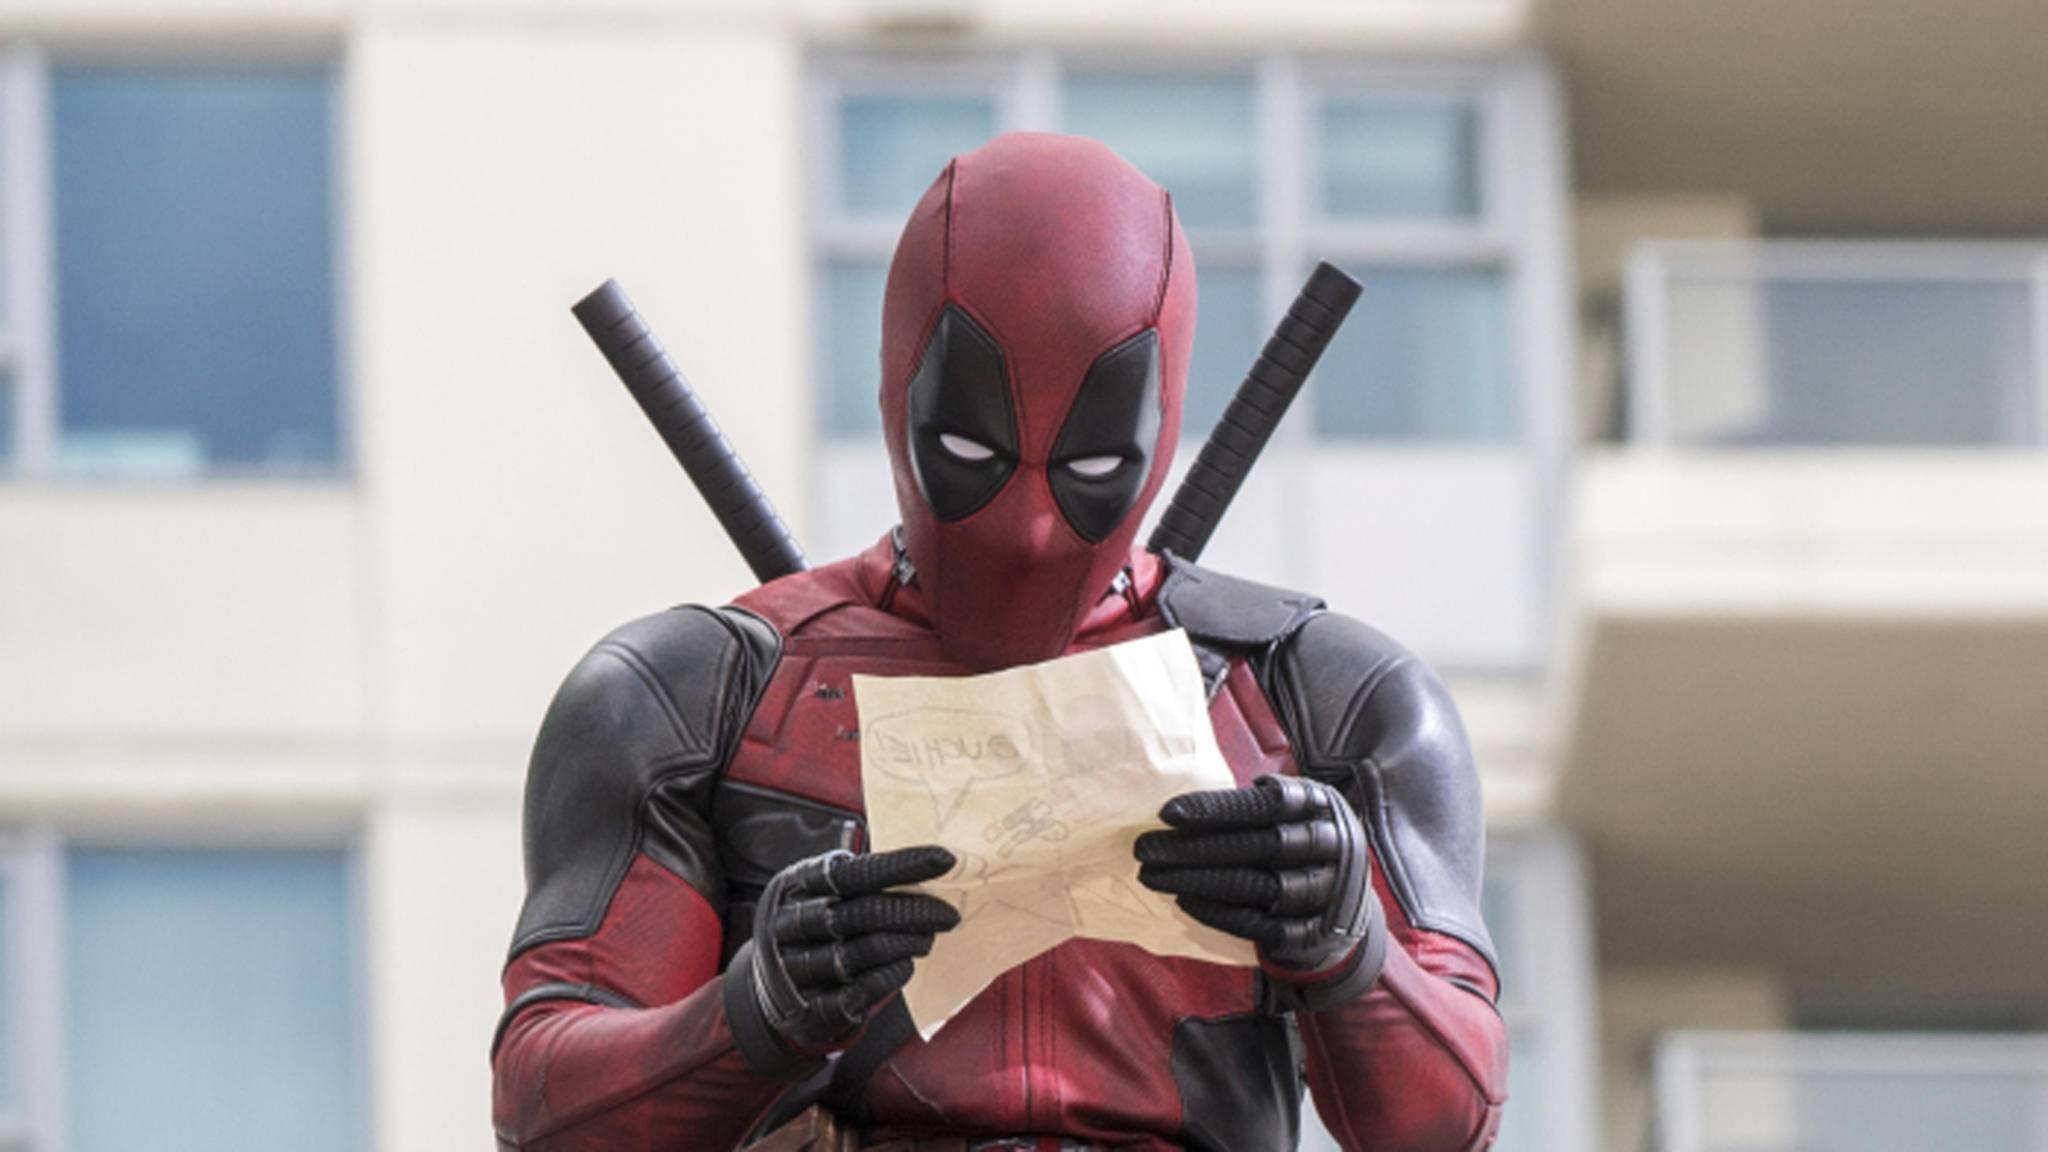 Auf der Liste neuer Kinostarts aus dem Hause 20th Century Fox könnte sich auch Deadpool bald wiederfinden.